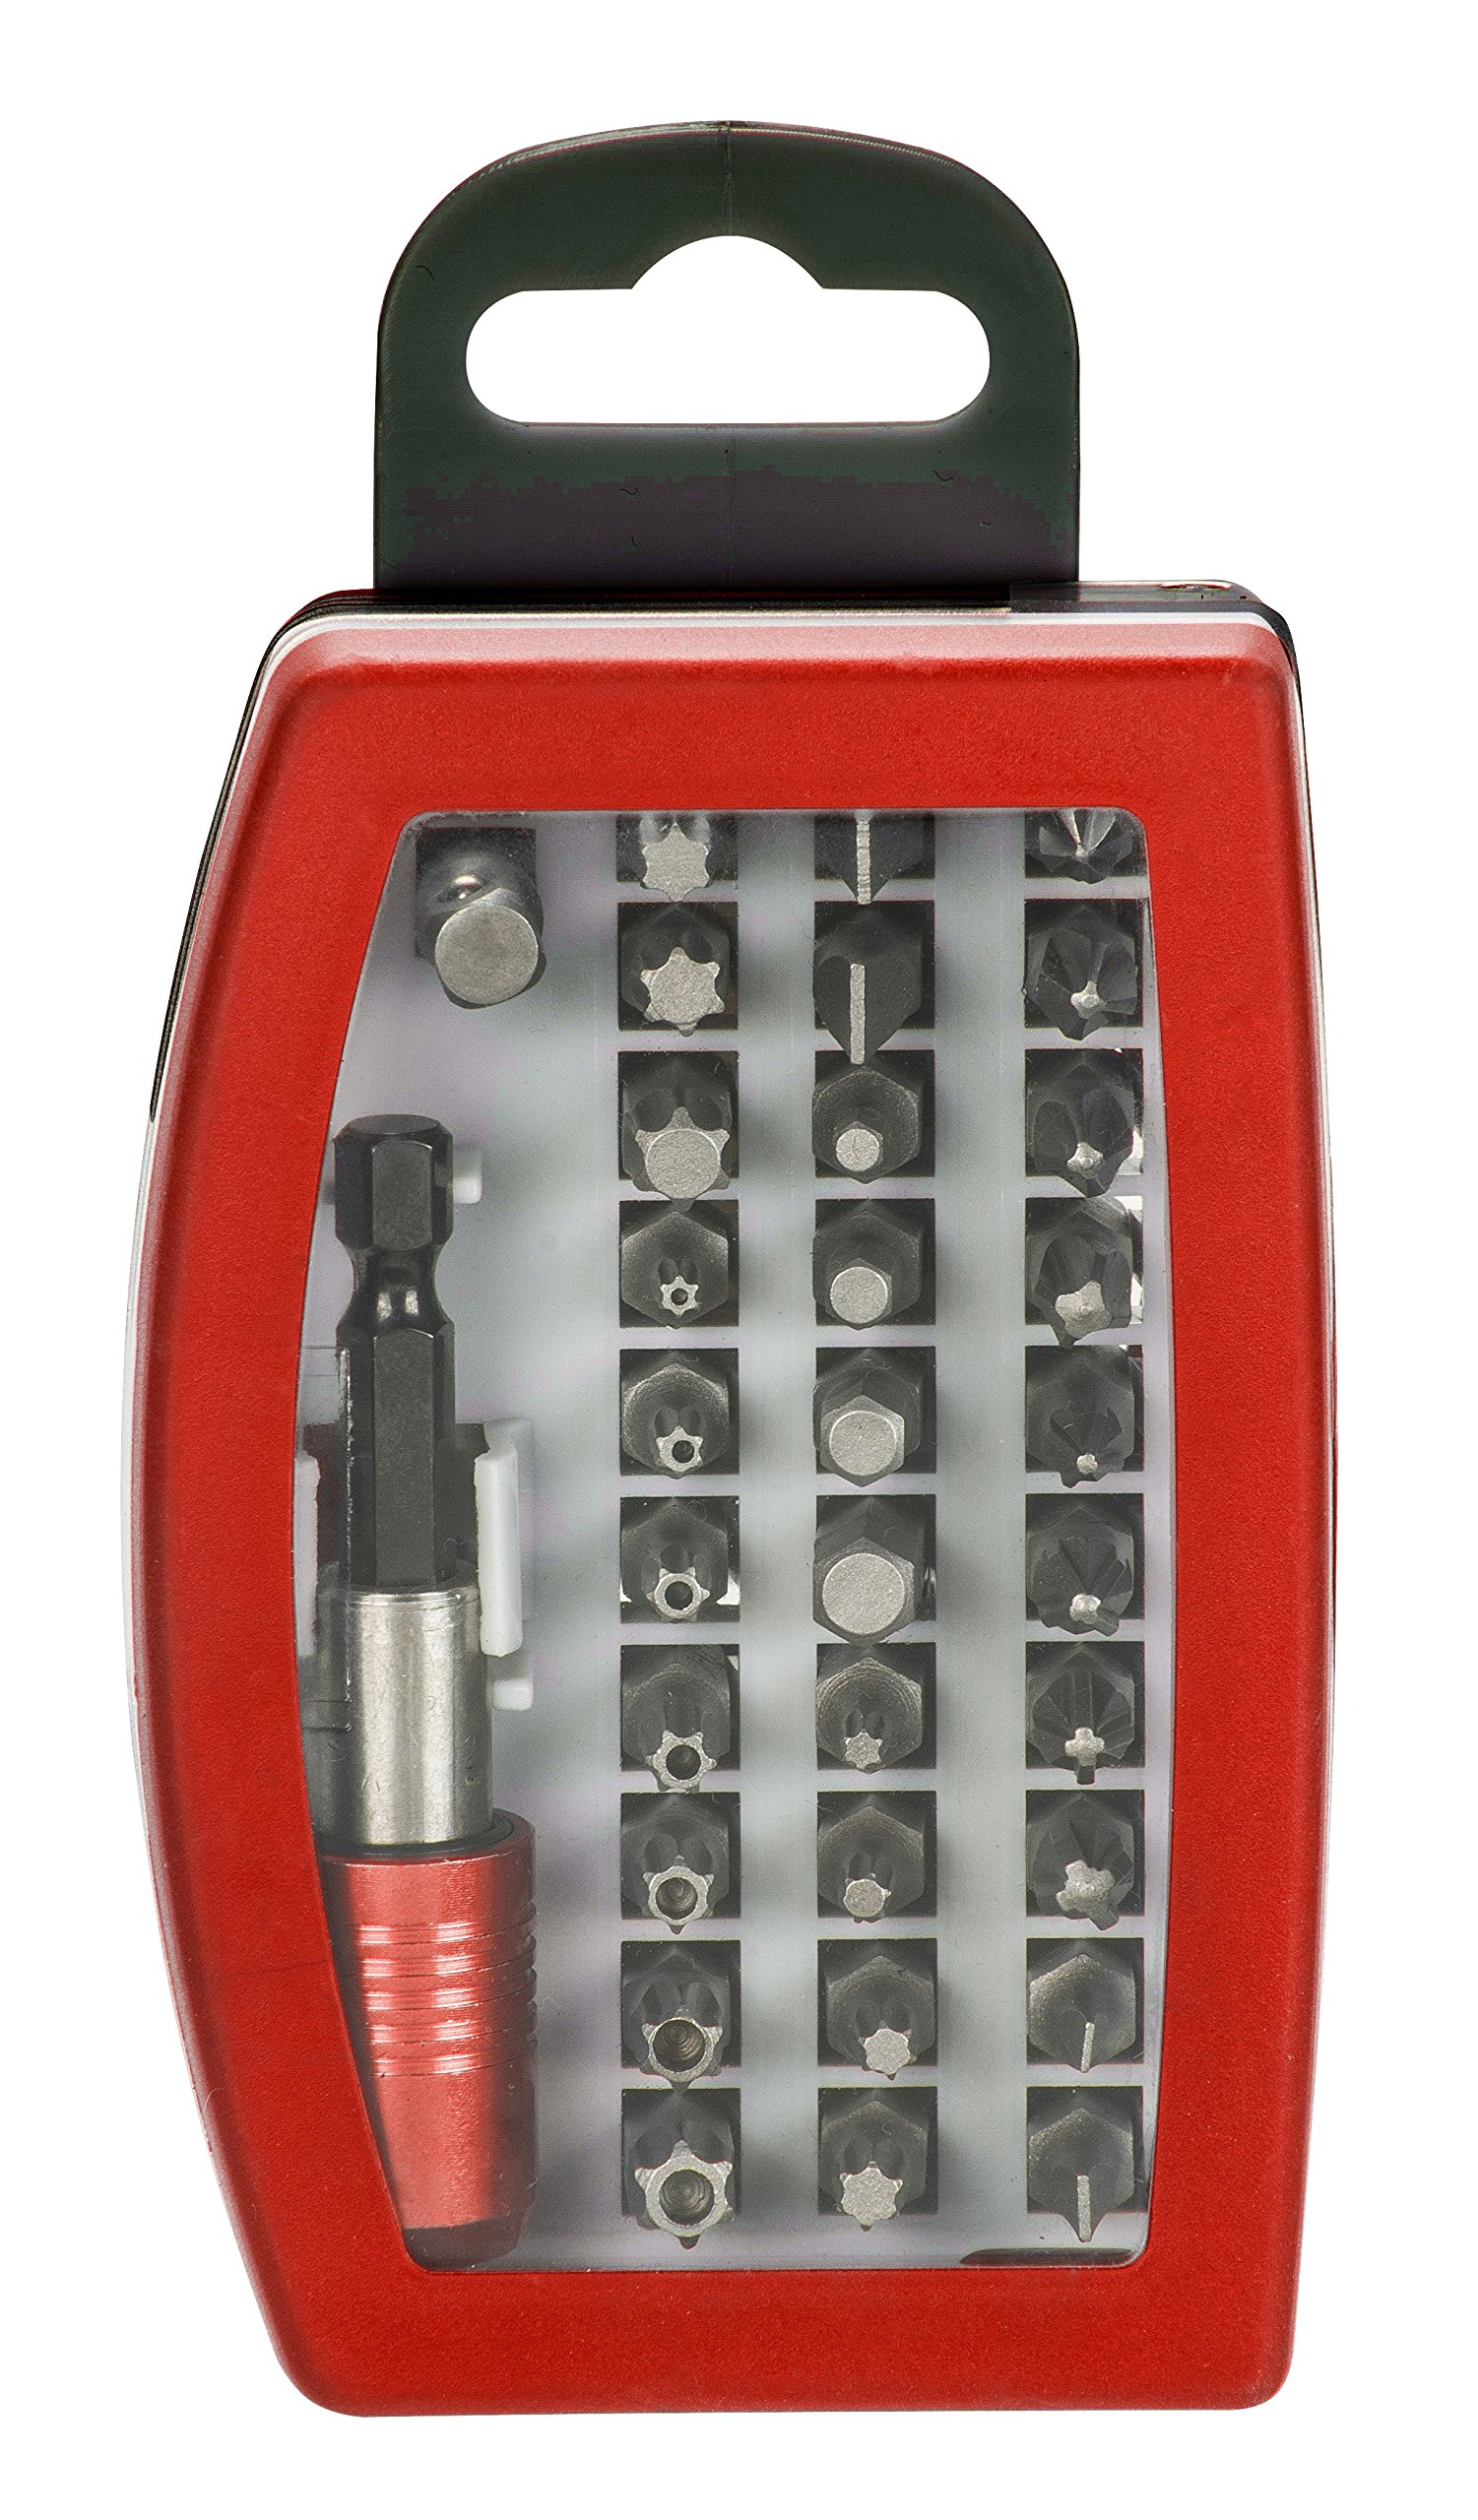 91HnP6pX3AL - KWB GERMANY GMBH 118490 - Bit box con puntas de 32 piezas, acero al cromo-vanadio